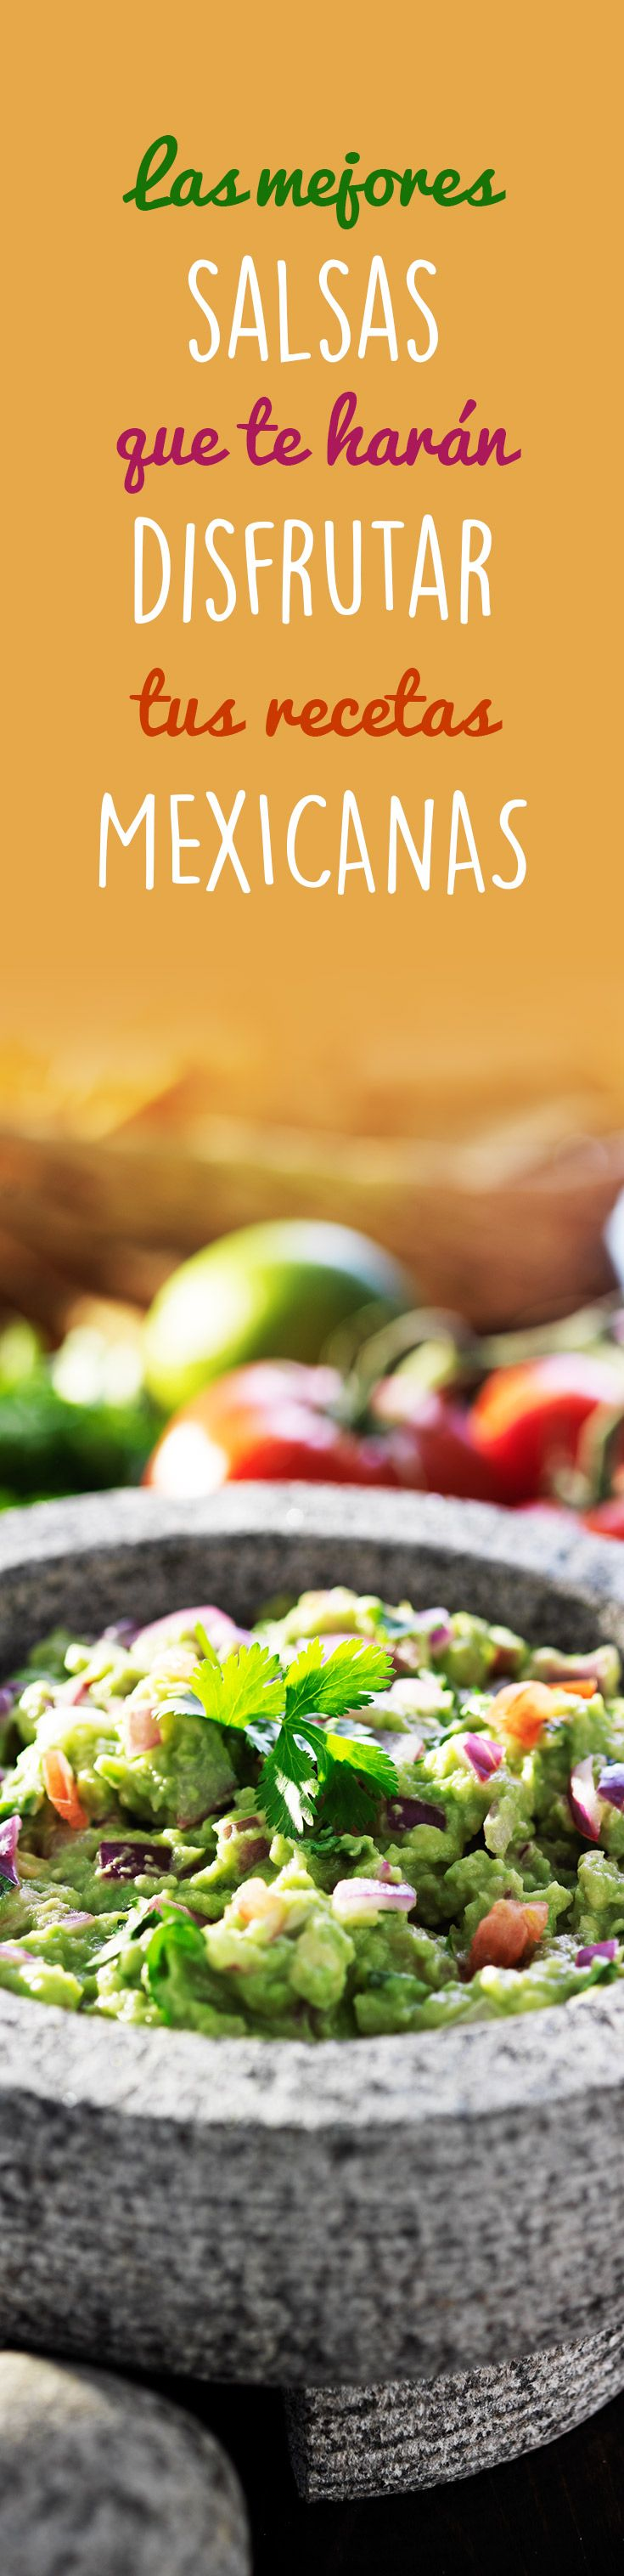 Encuentra las mejores SALSAS picositas para acompañar tus recetas mexicanas cualquier día de la semana y sorprende a todos en casa con un sabor incomparable.